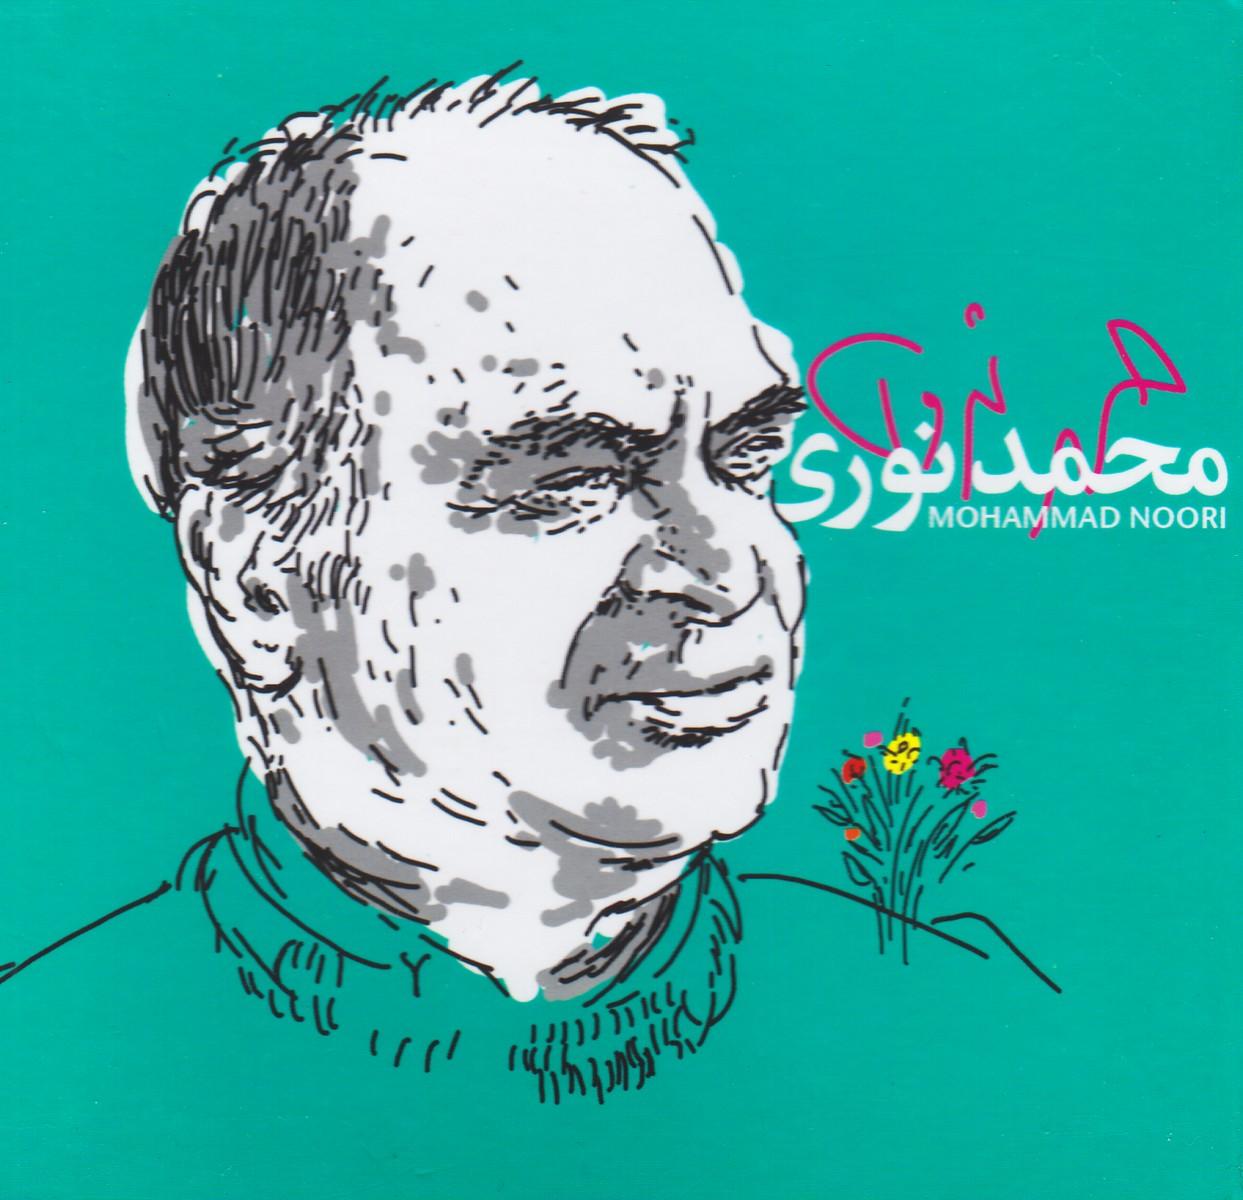 برگزیده آثار محمد نوری